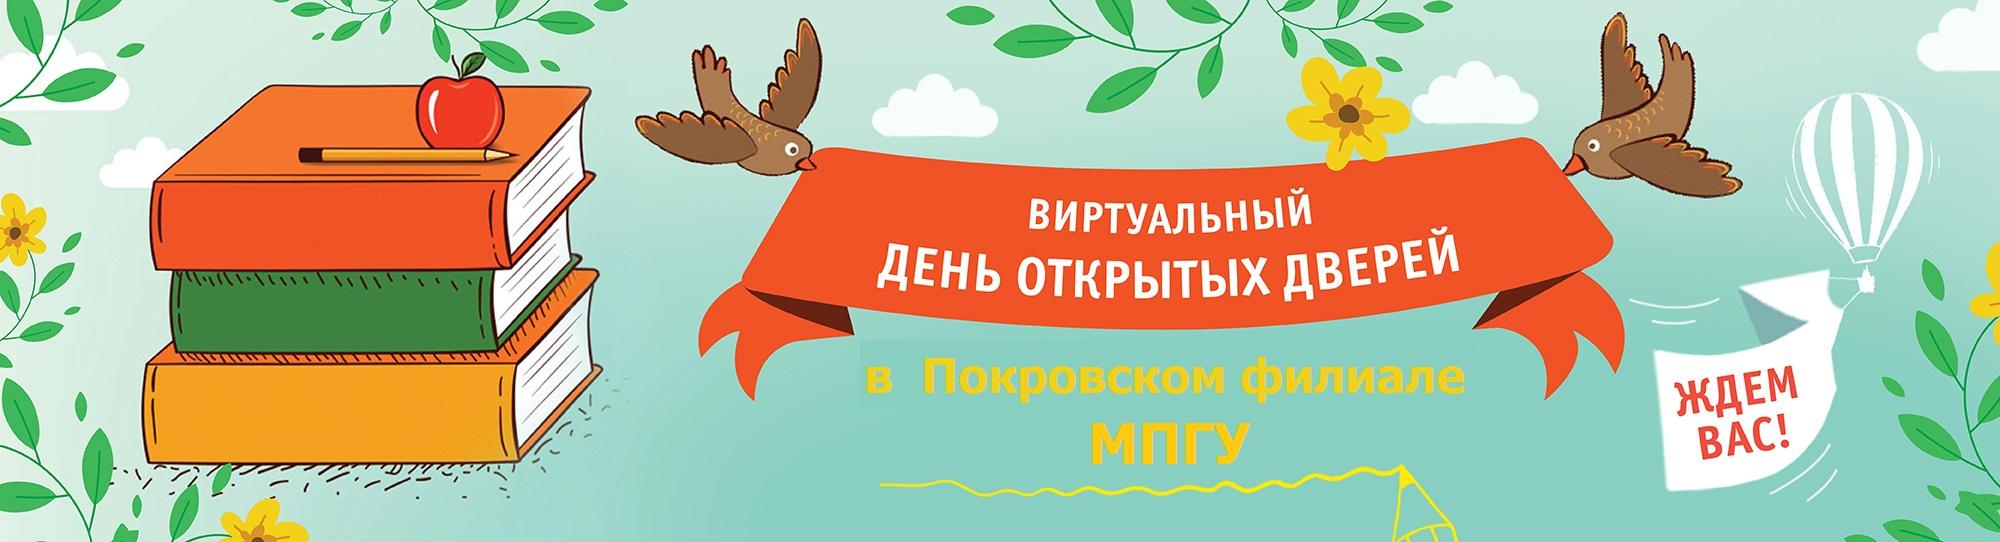 Баннер-Виртуальный-ДОД-Покровский филиал МПГУ